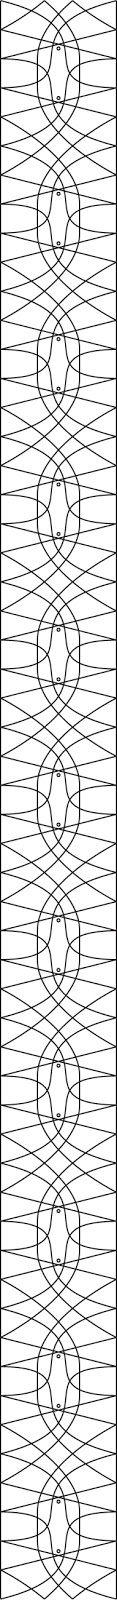 mintakarton11.jpg (117×1600)